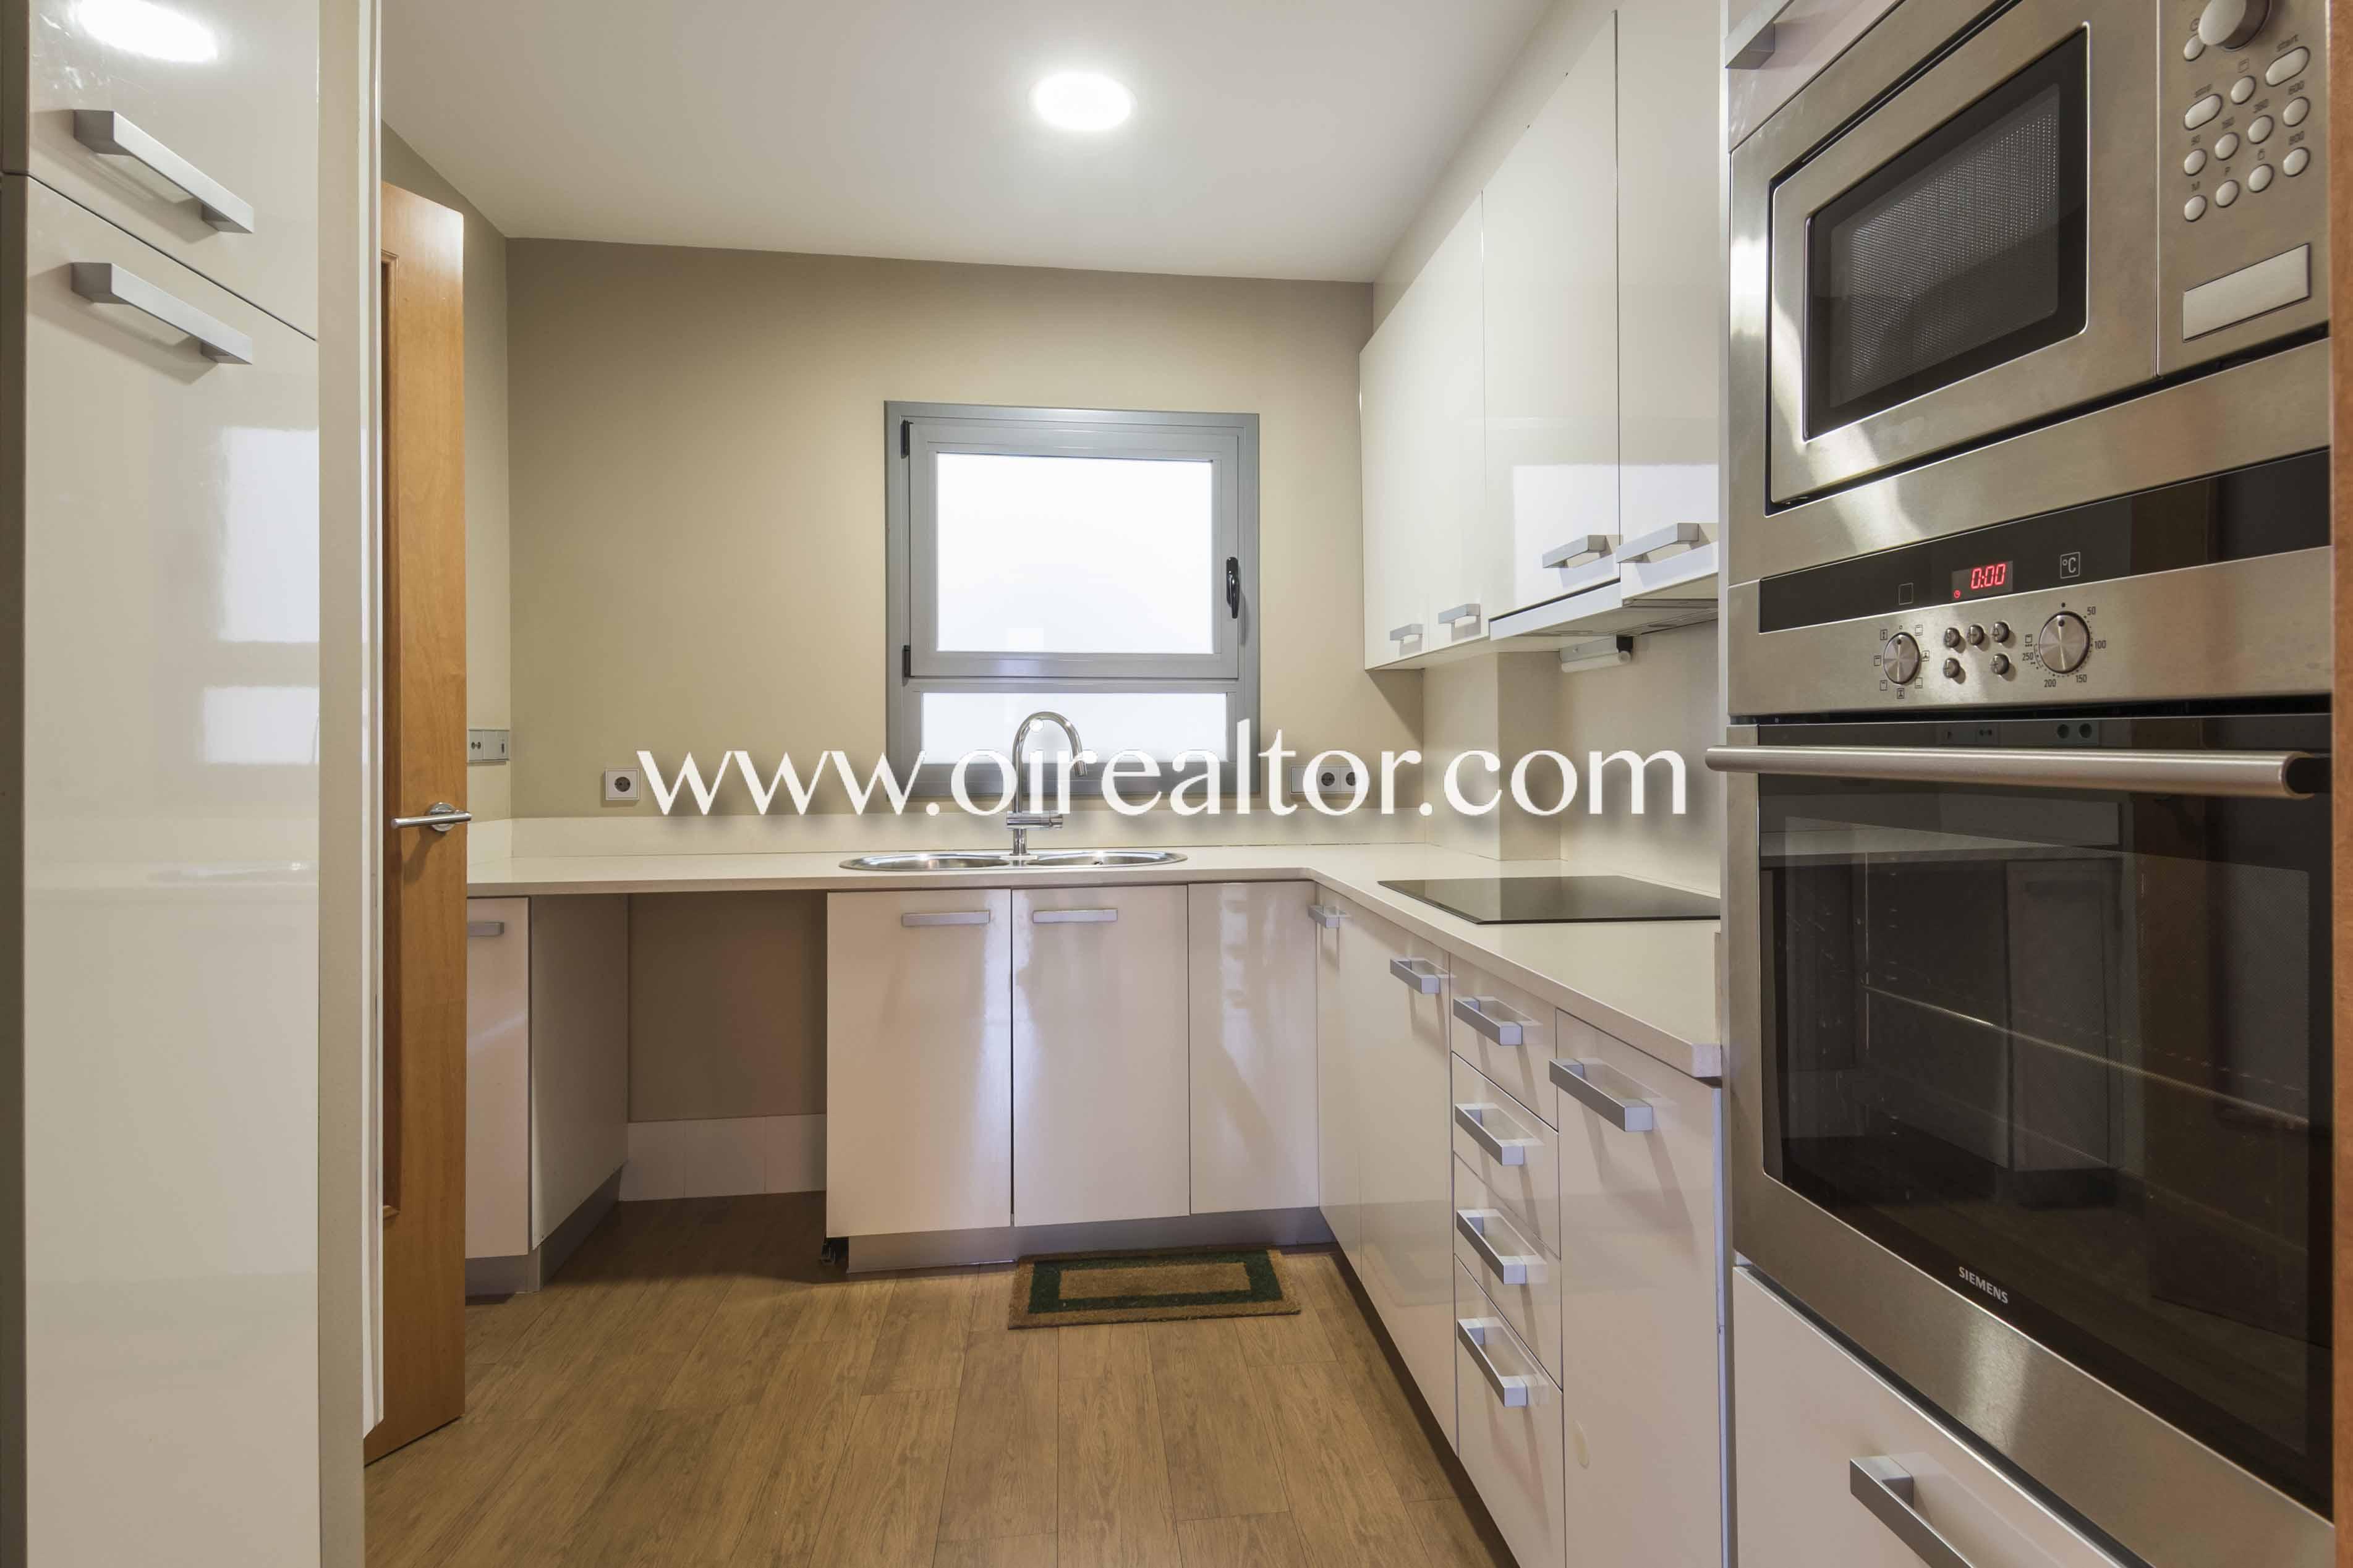 cocina, cocina equipada, horno, vitrocerámica, campana extractora, cocina con electrodomésticos,